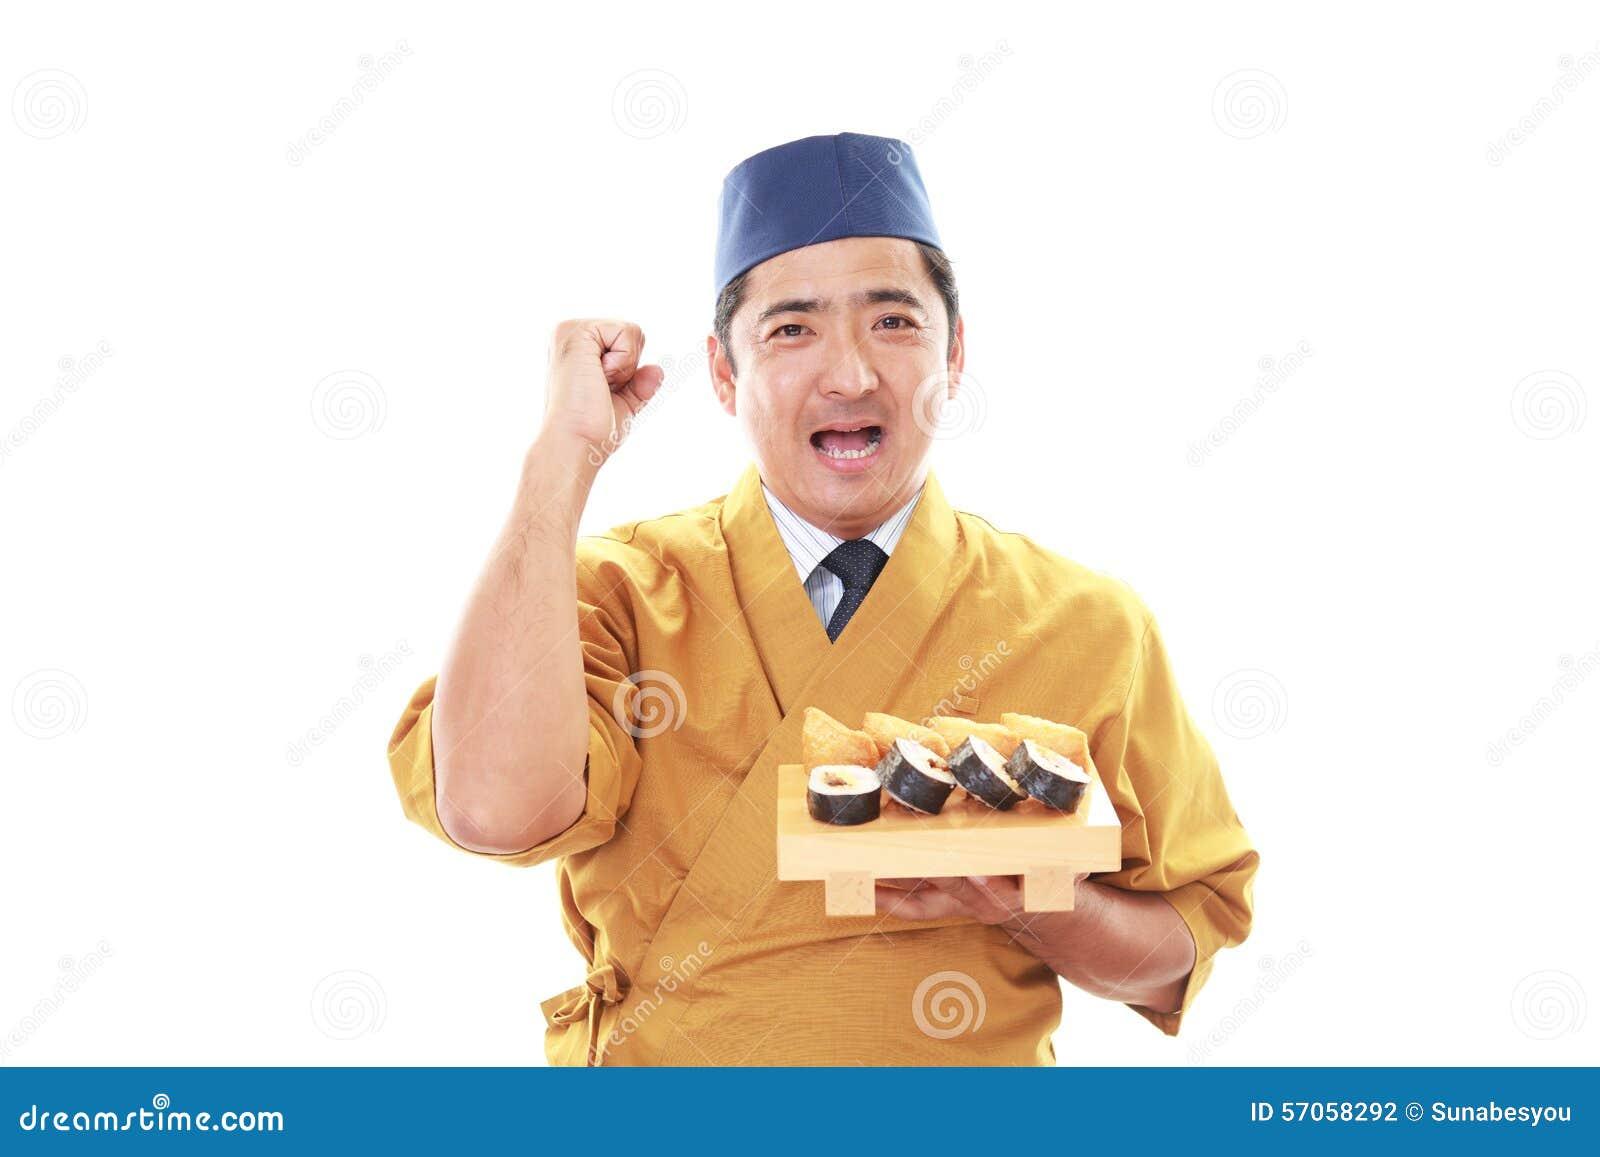 Portret van een sushichef-kok